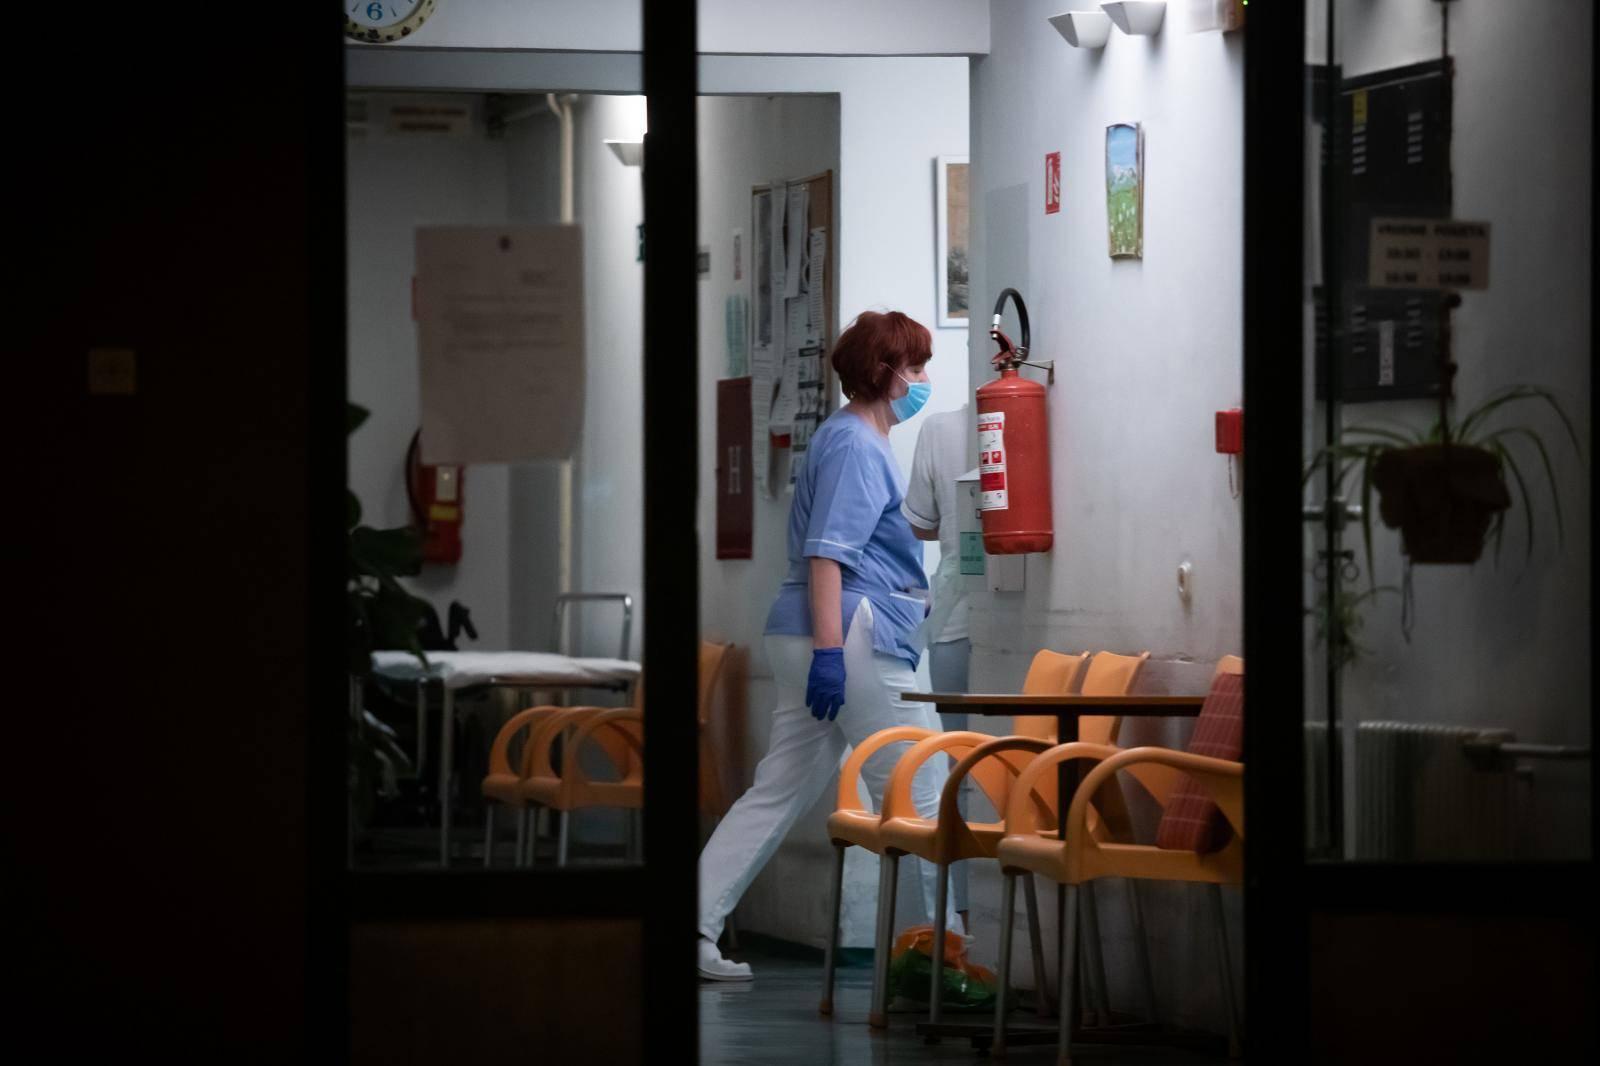 Korona u Domu: Glavna sestra je sve prijavila prije 11 dana?